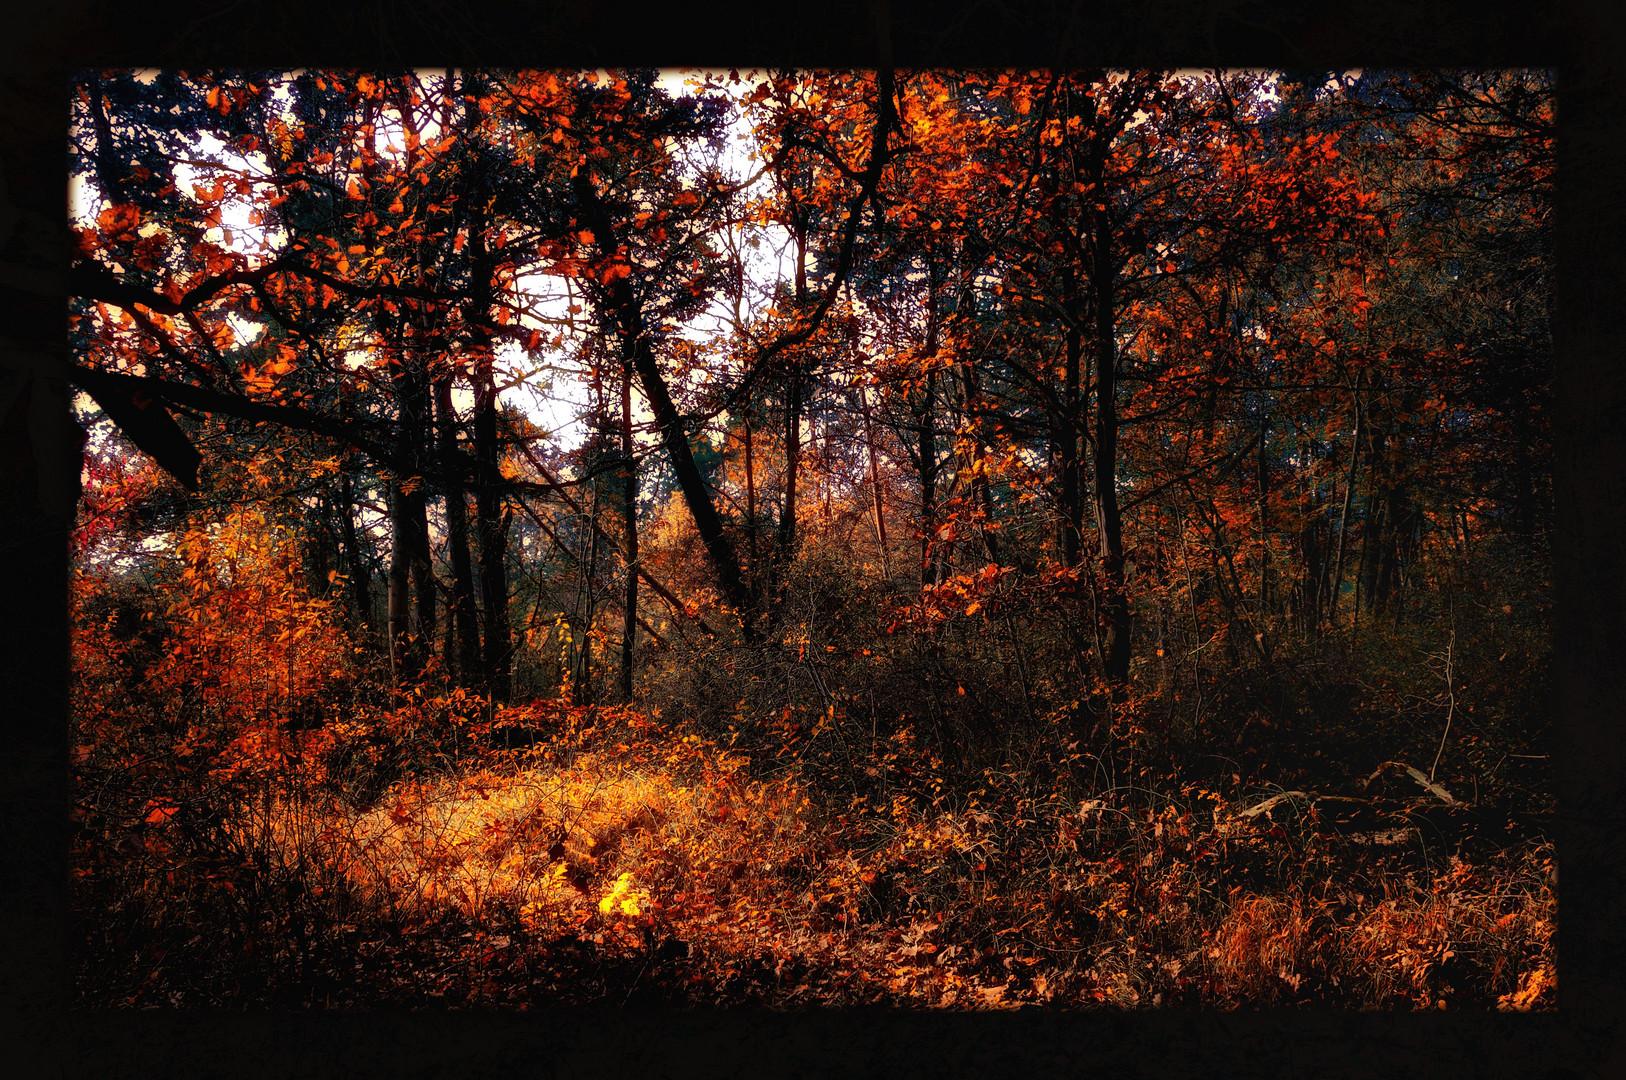 autumn vision